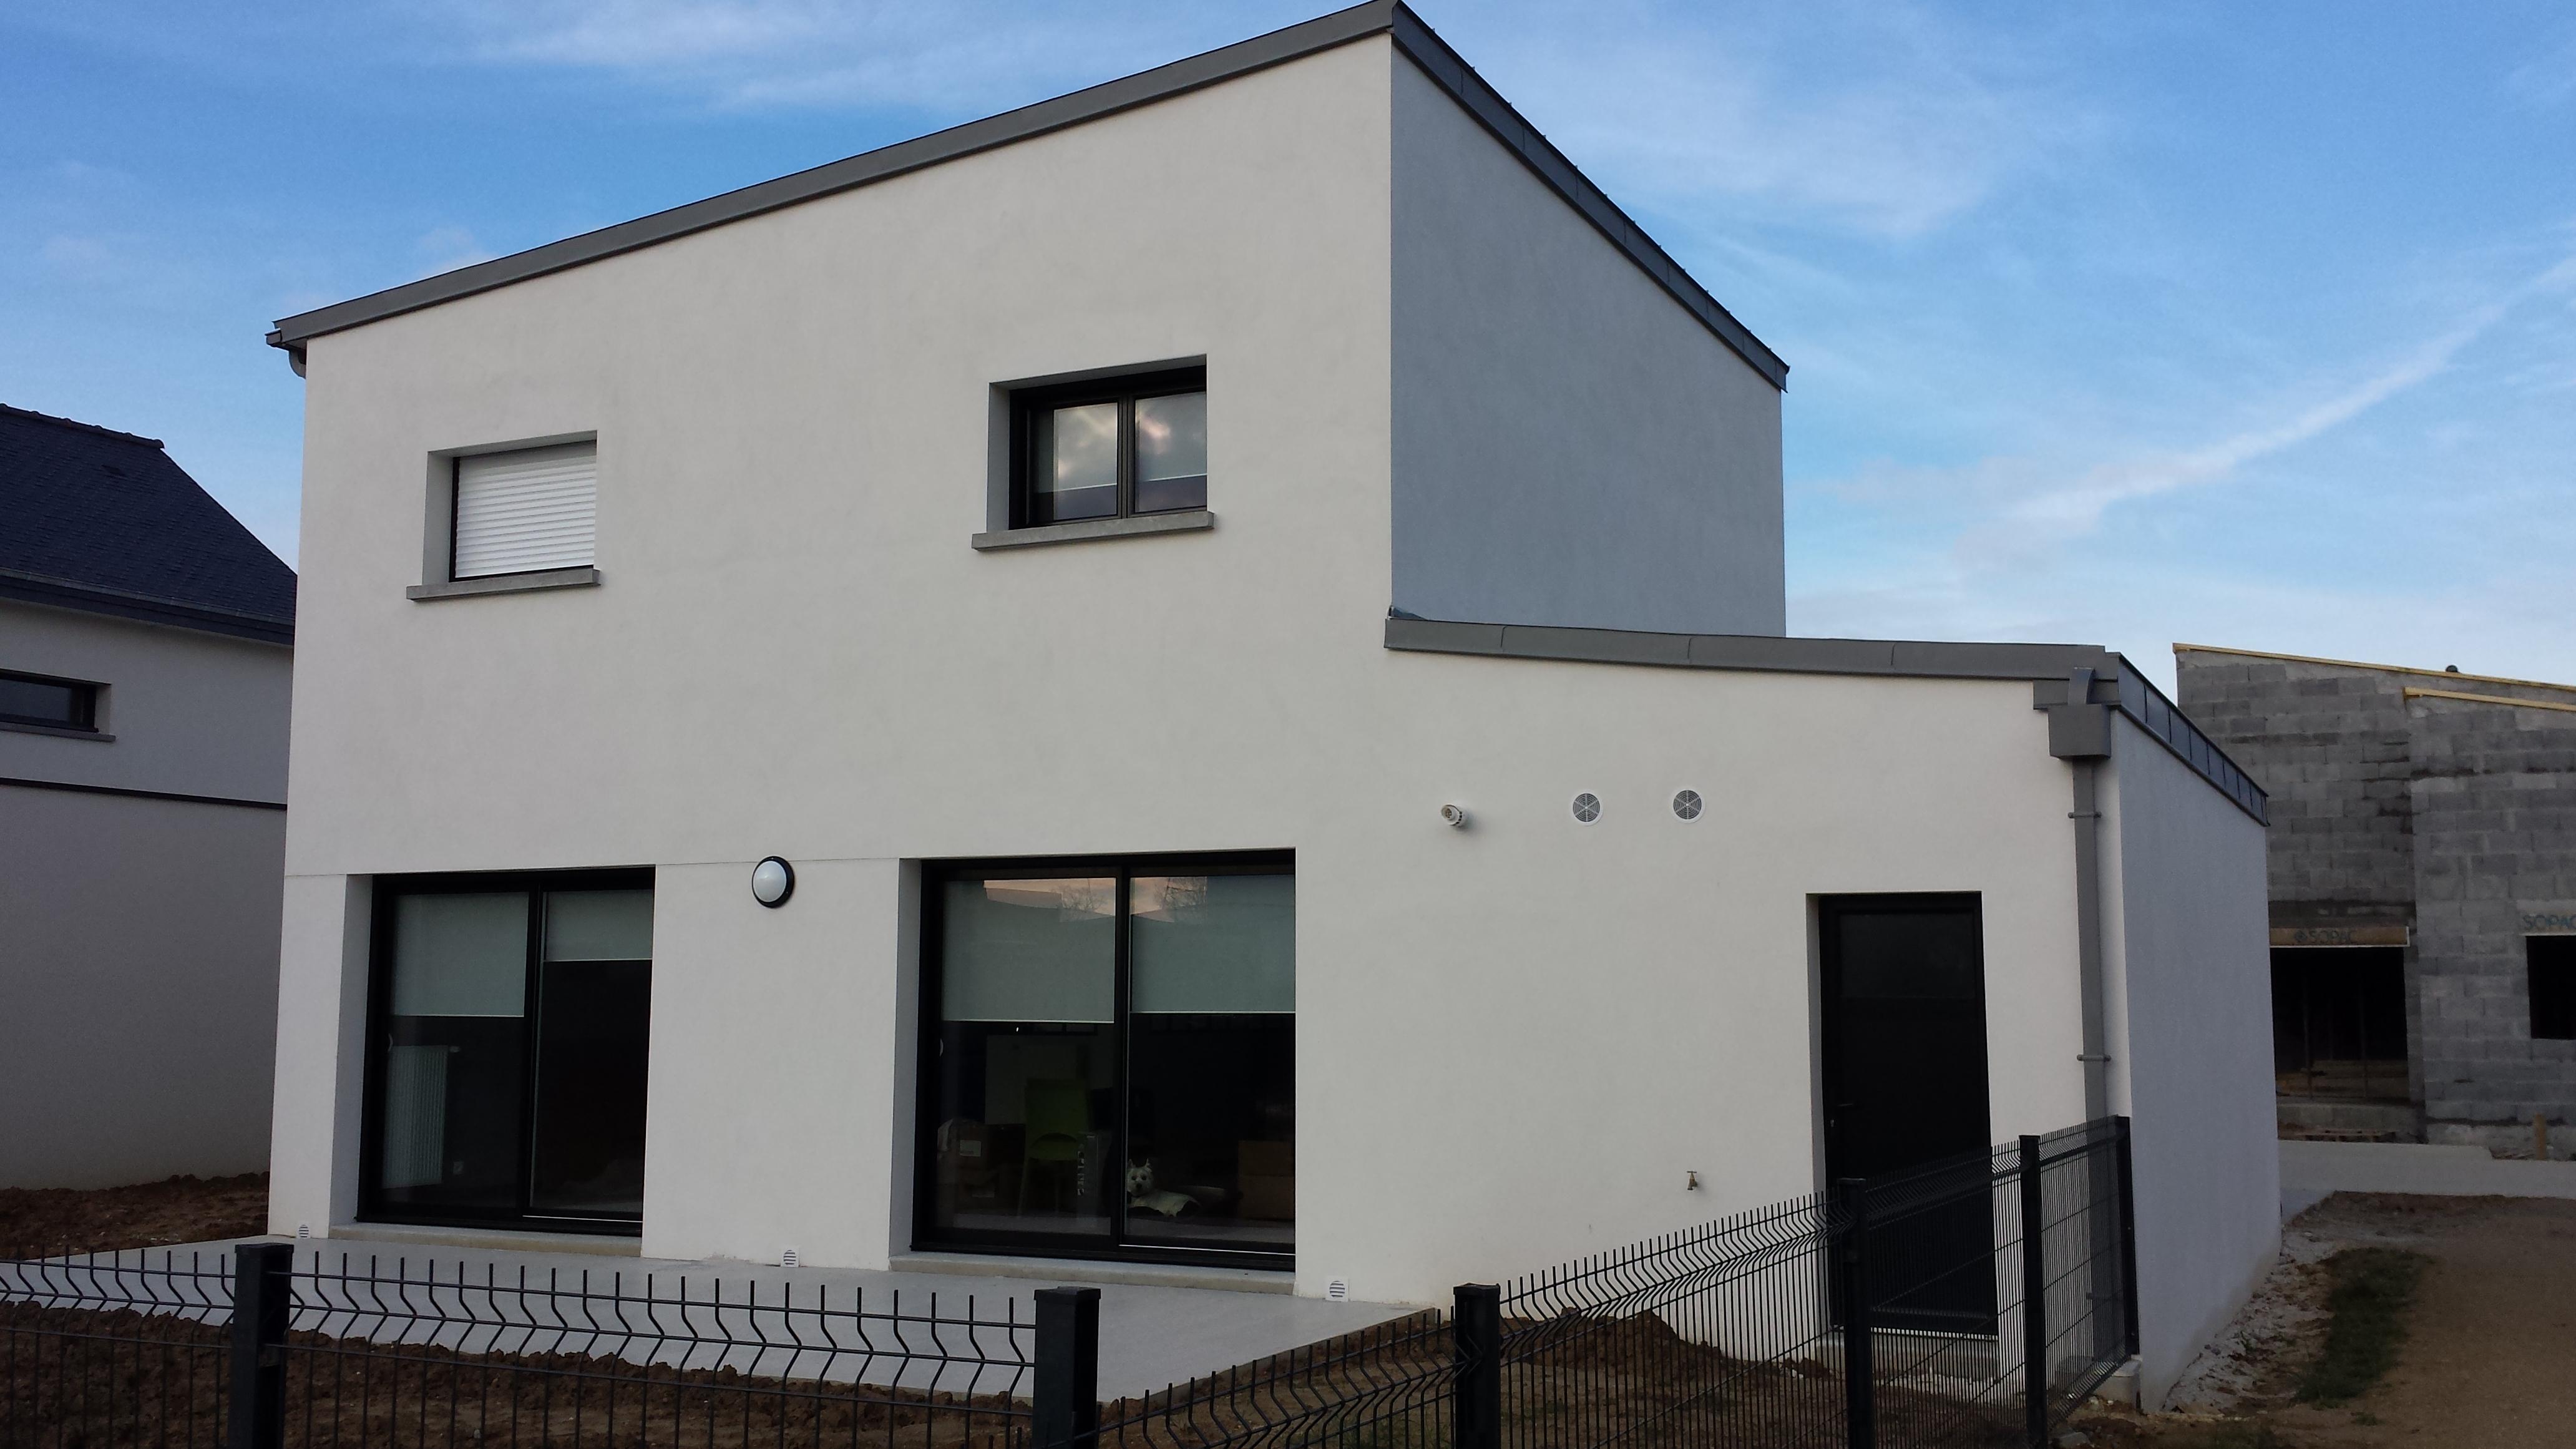 Constructeur de maison foug res maisons battais 35 for Constructeur maison contemporaine rennes